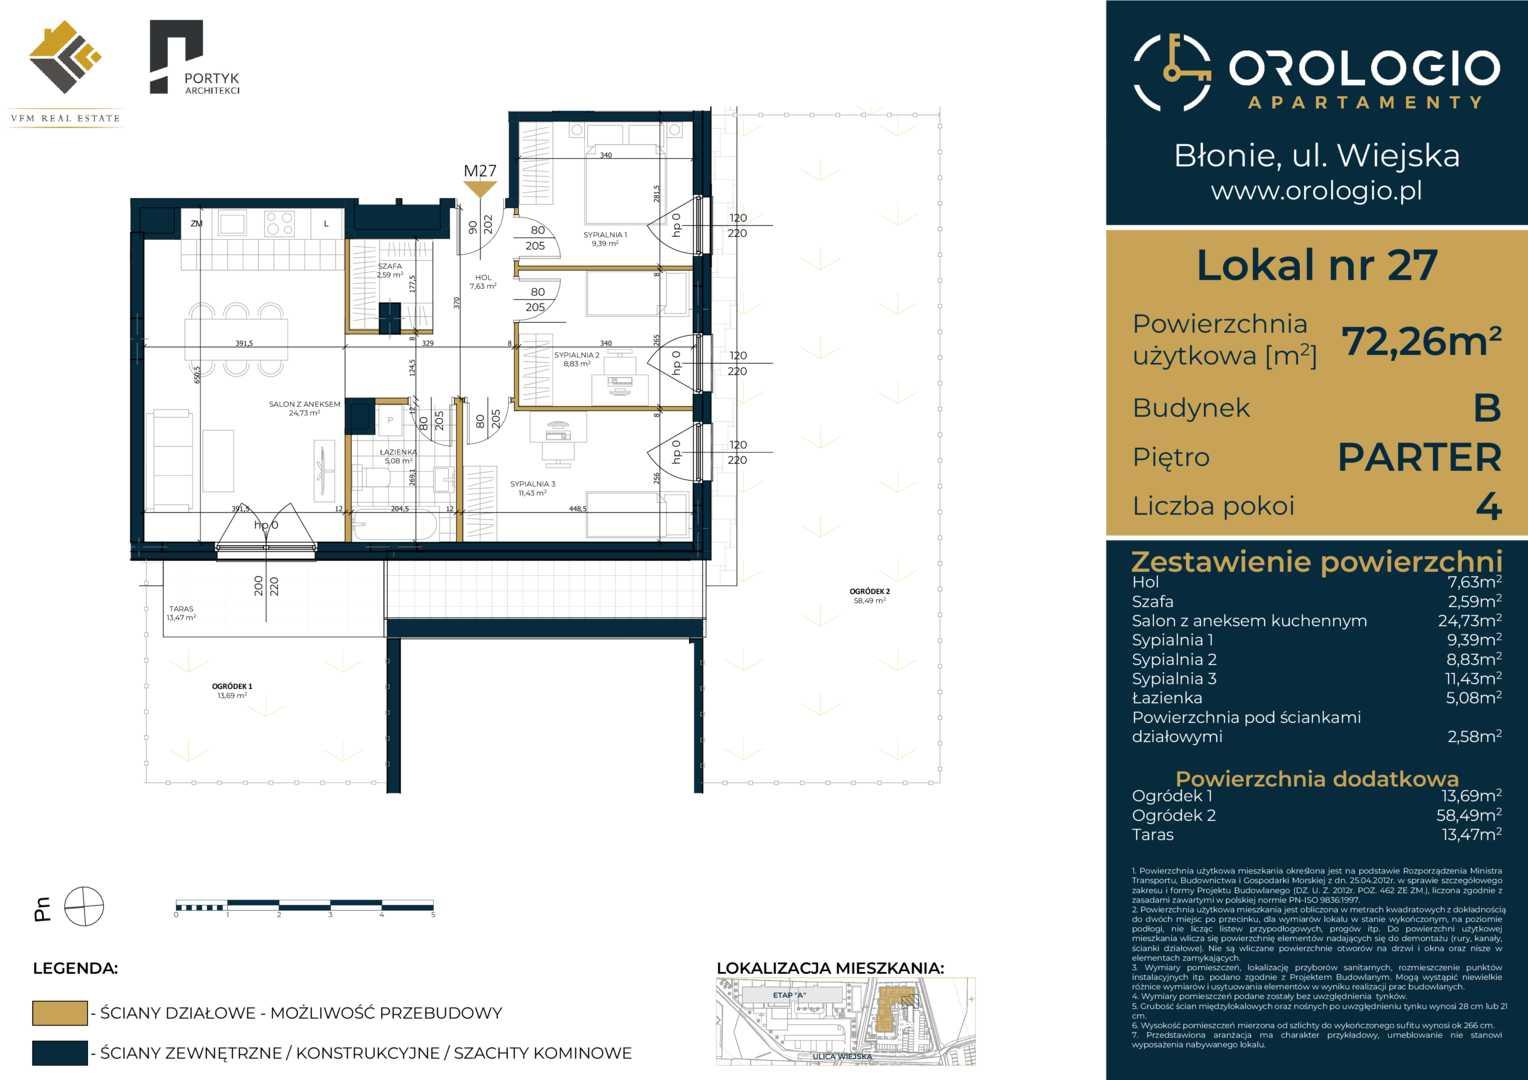 Mieszkanie w inwestycji: Orologio Apartamenty